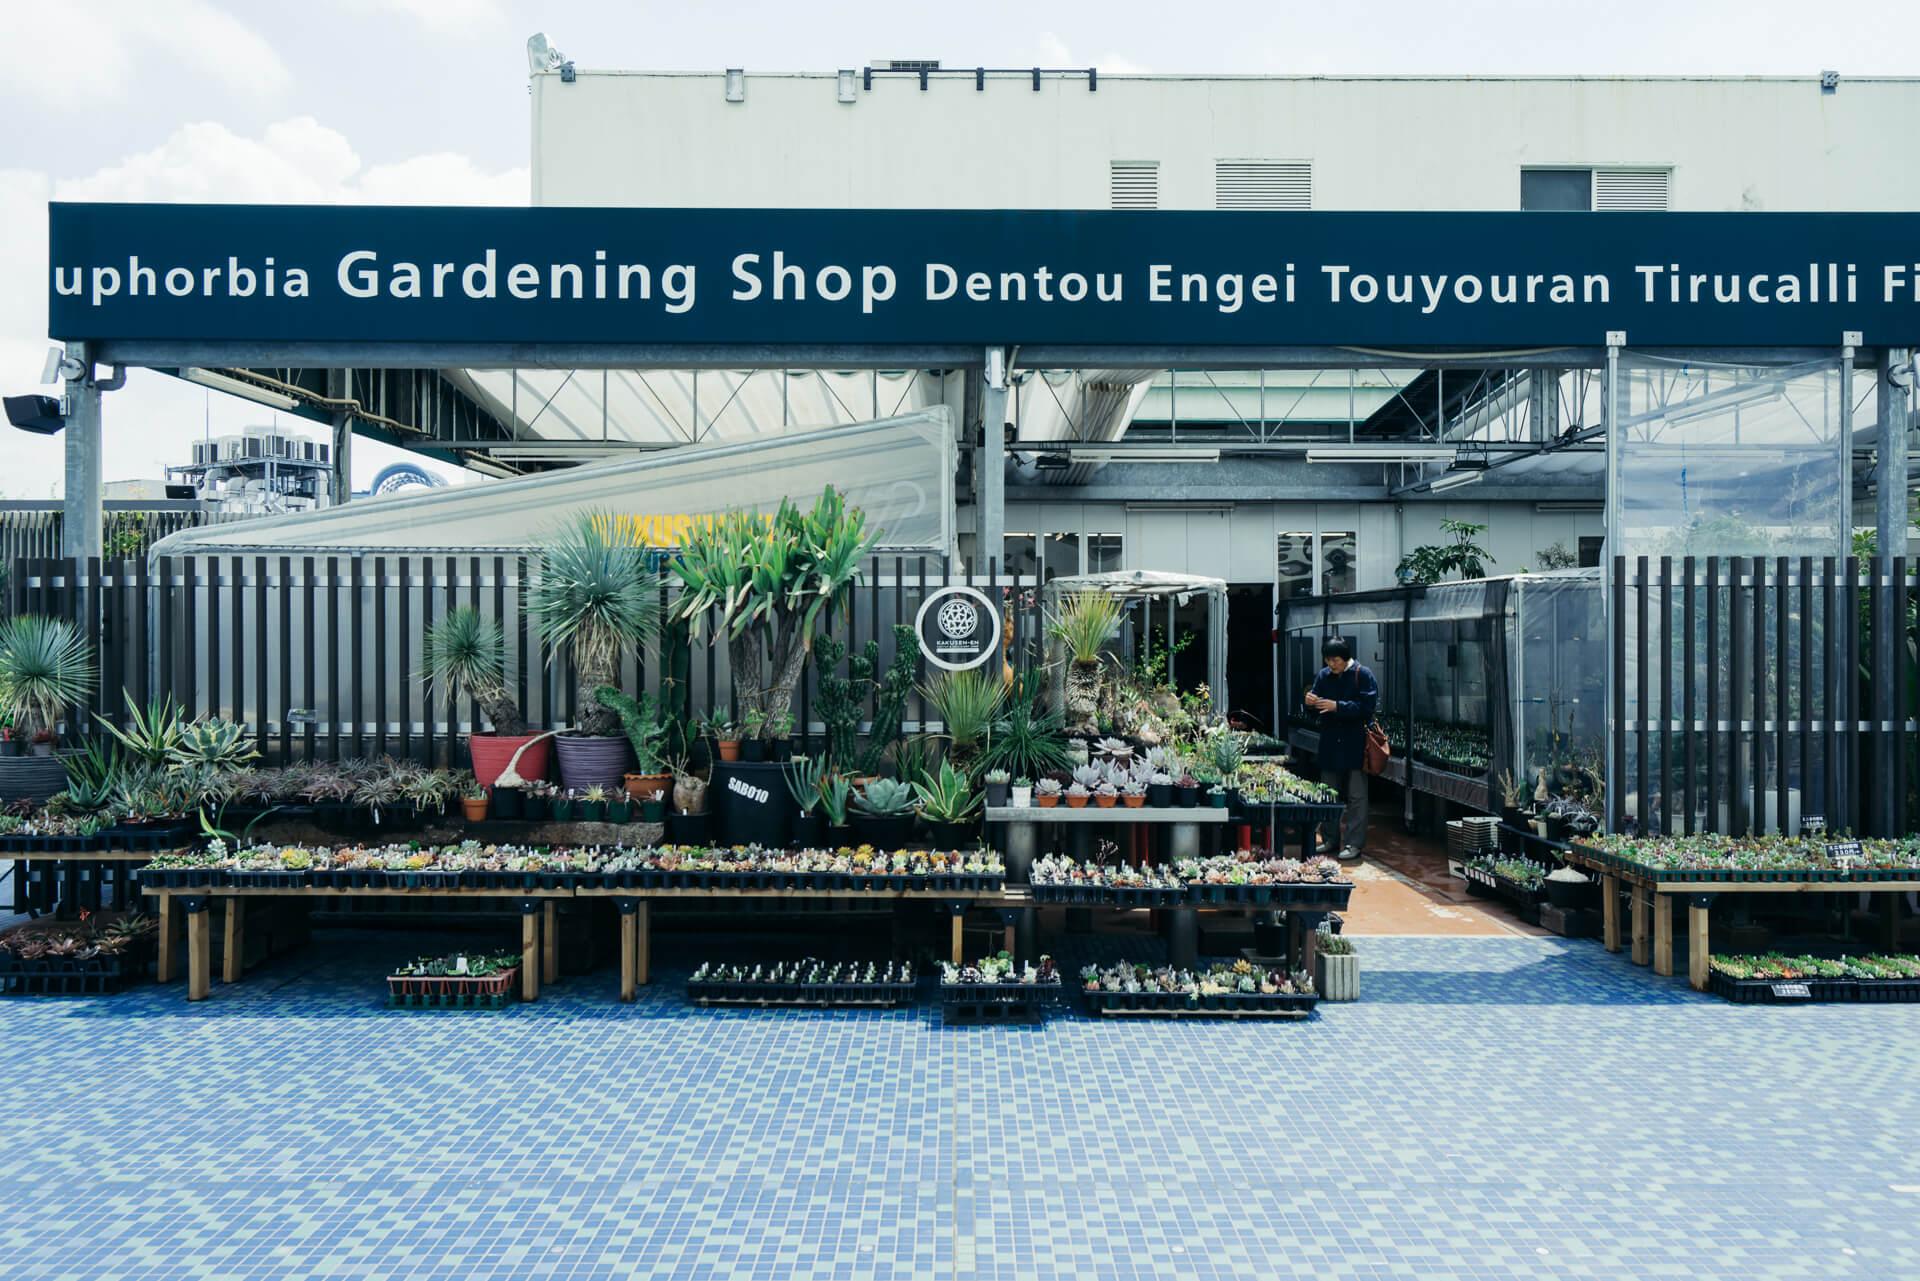 西武池袋本店9F屋上。グリーンを眺めるベンチがたくさん置かれた気持ちのよい空間に、「鶴仙園 池袋西武店」があります。